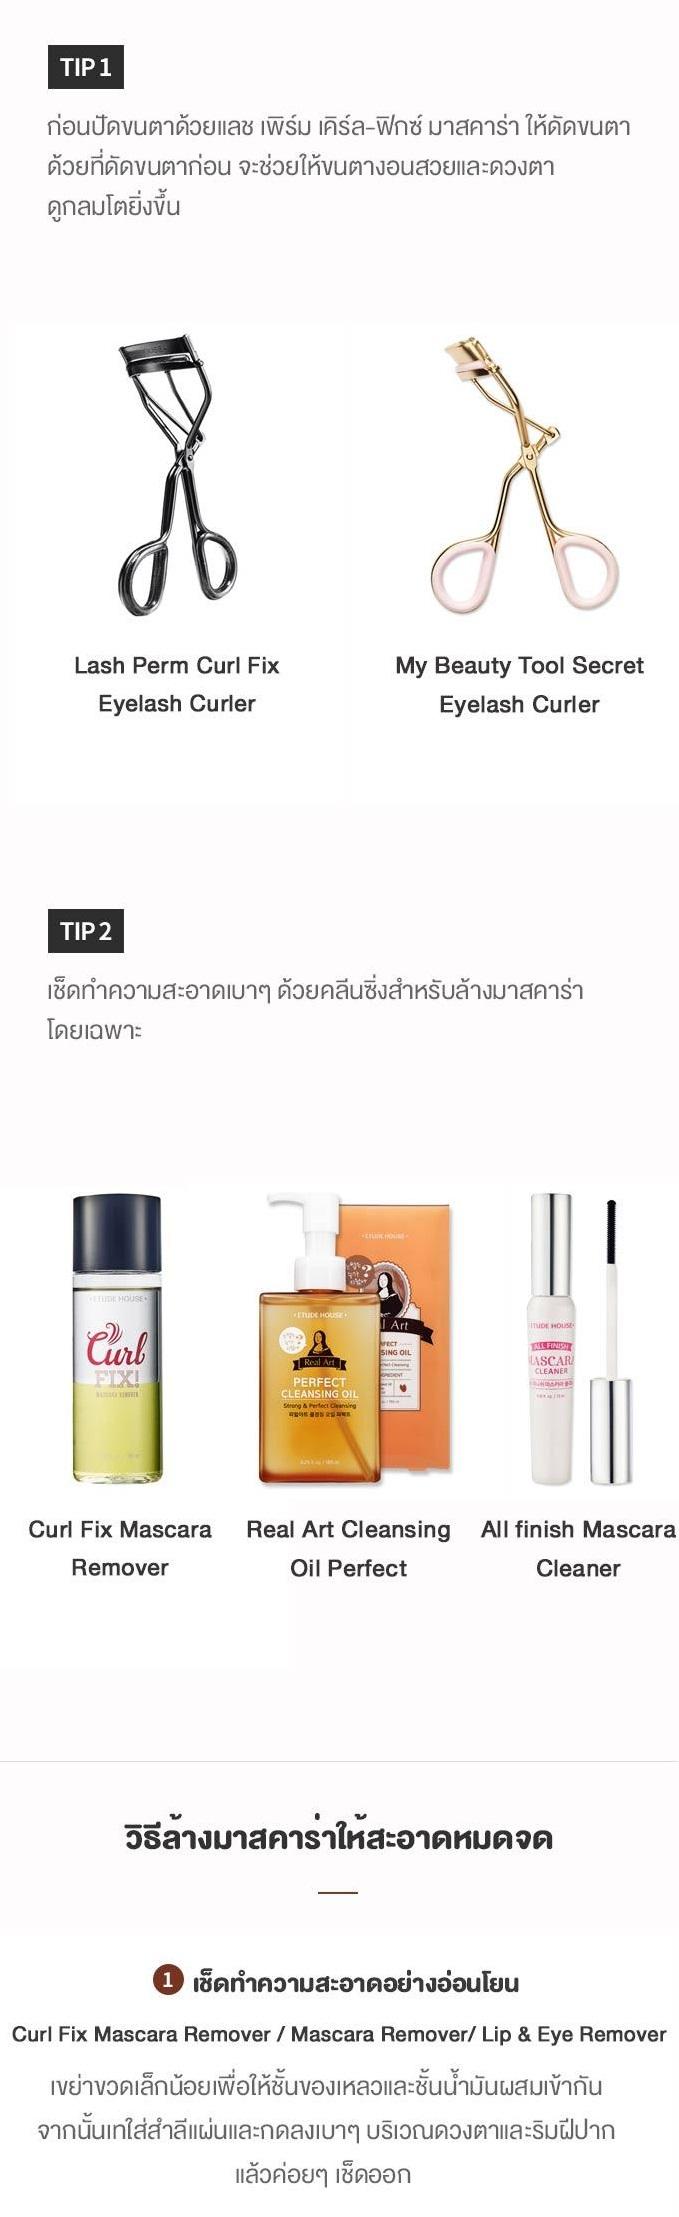 Lash Perm Curl Fix Mascara05